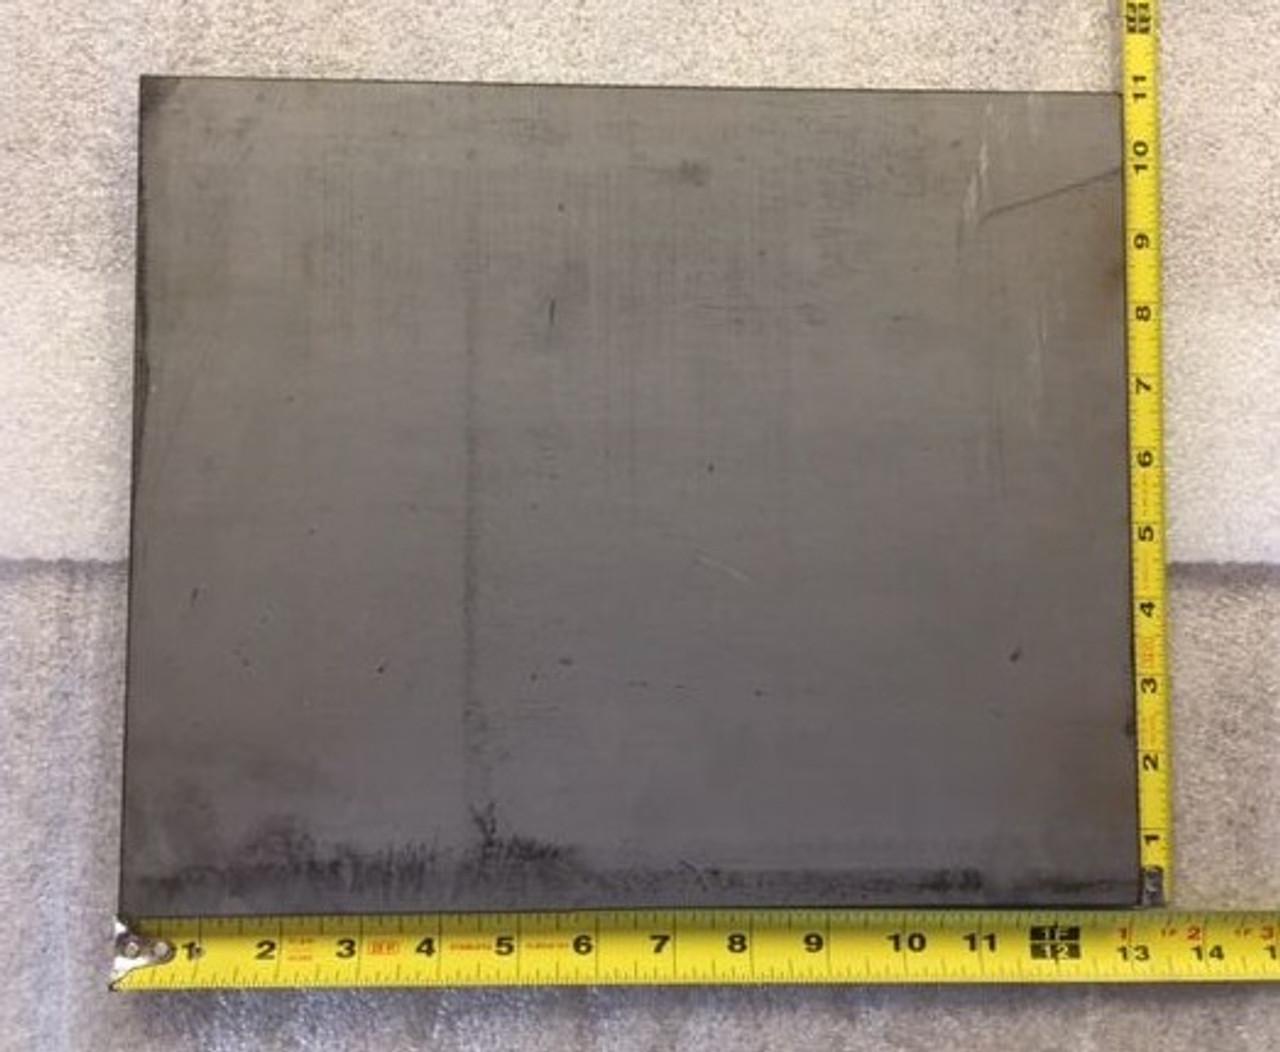 Hearthstone Mansfield 8010 Steel Baffle 5010-350